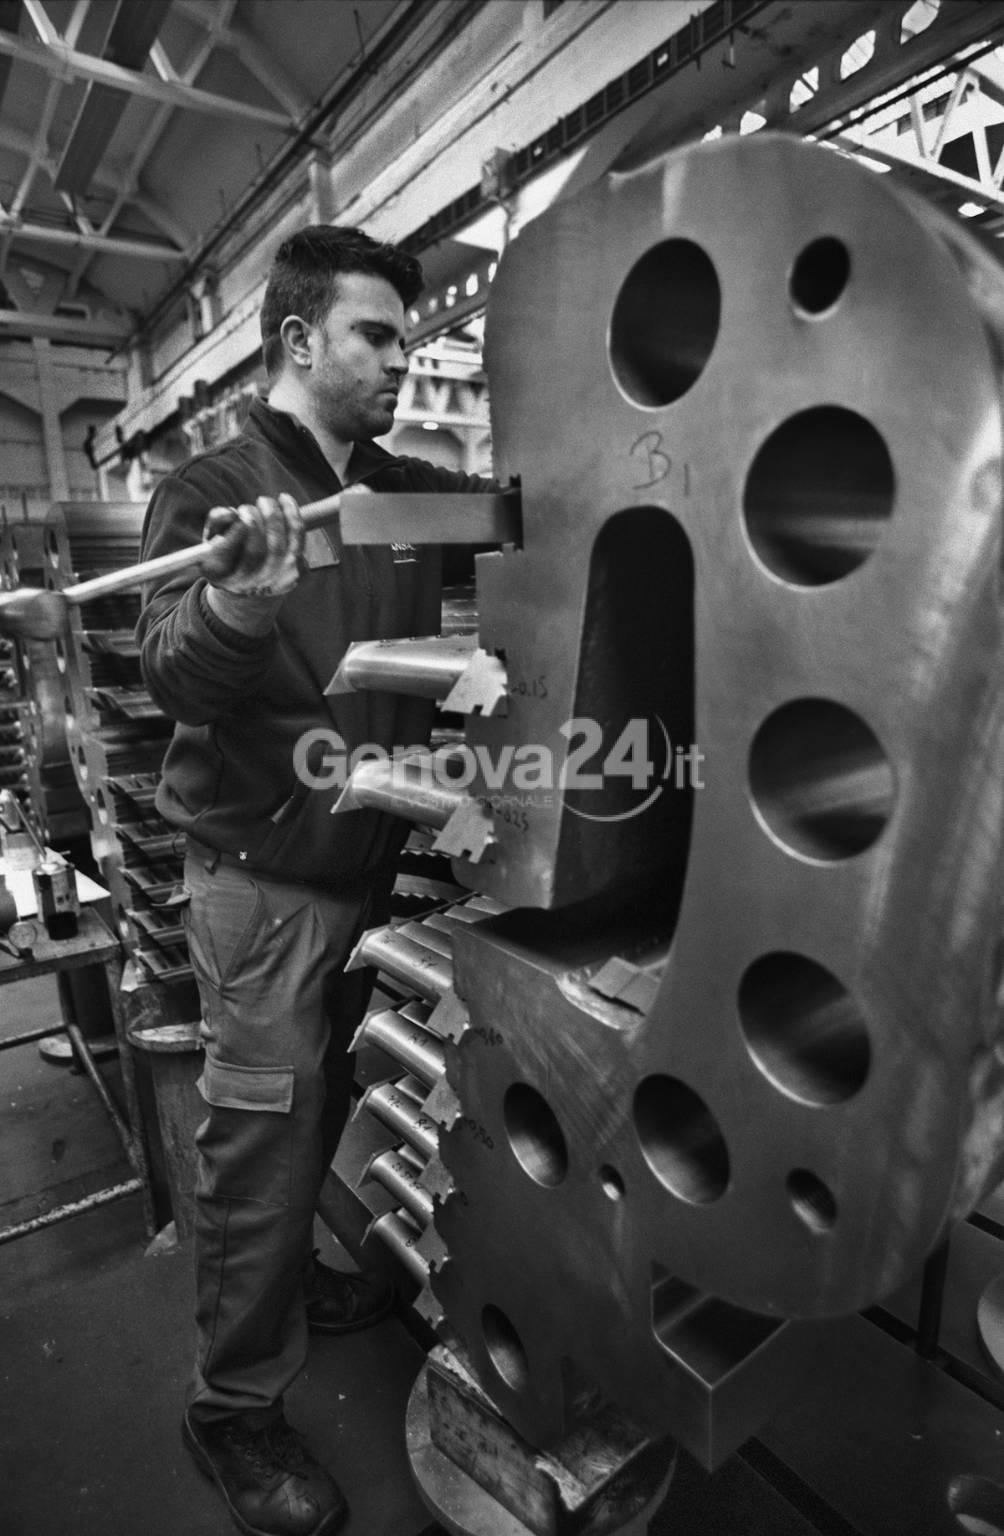 Le trasformazioni del lavoro a Genova